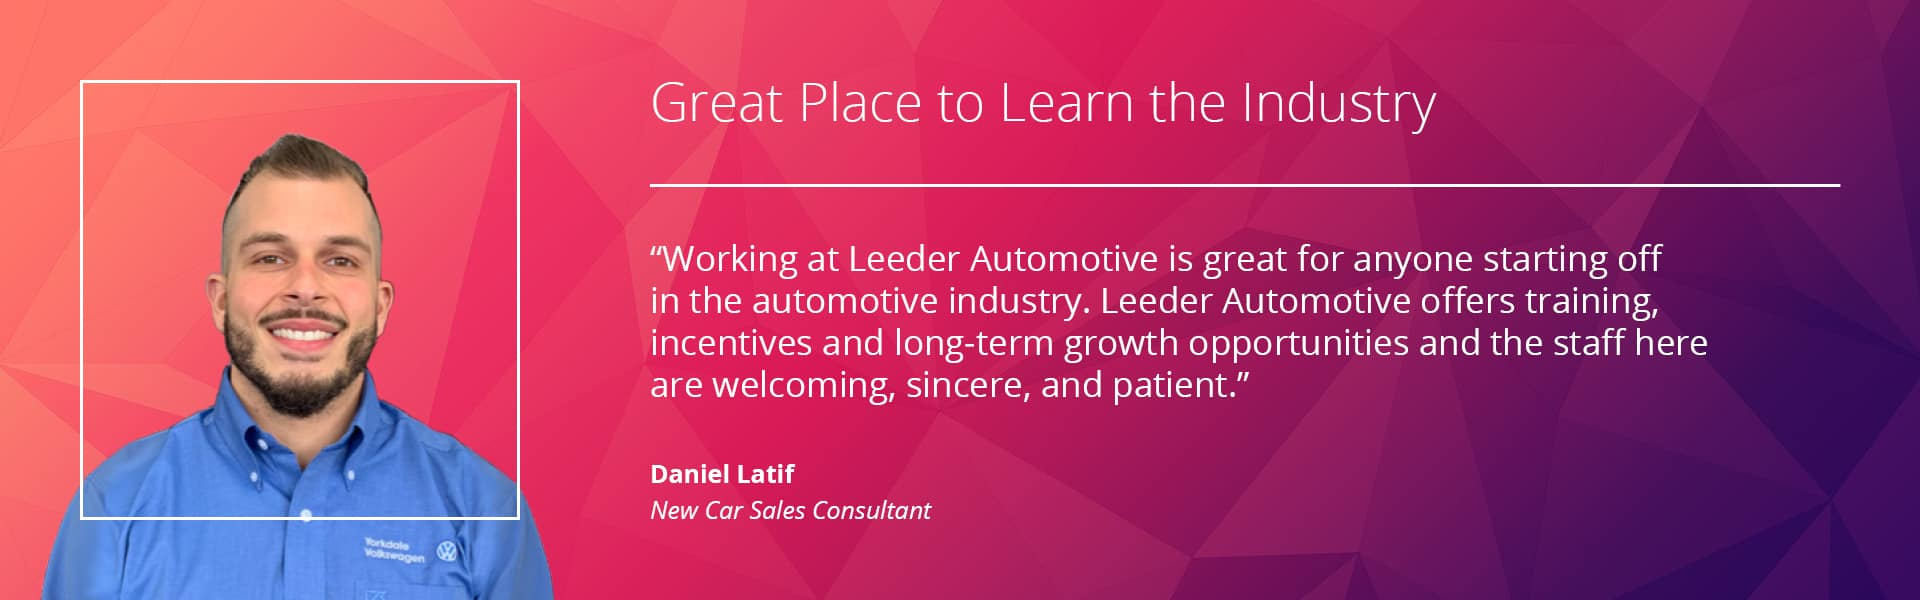 Career Opportunities Leeder Automotive